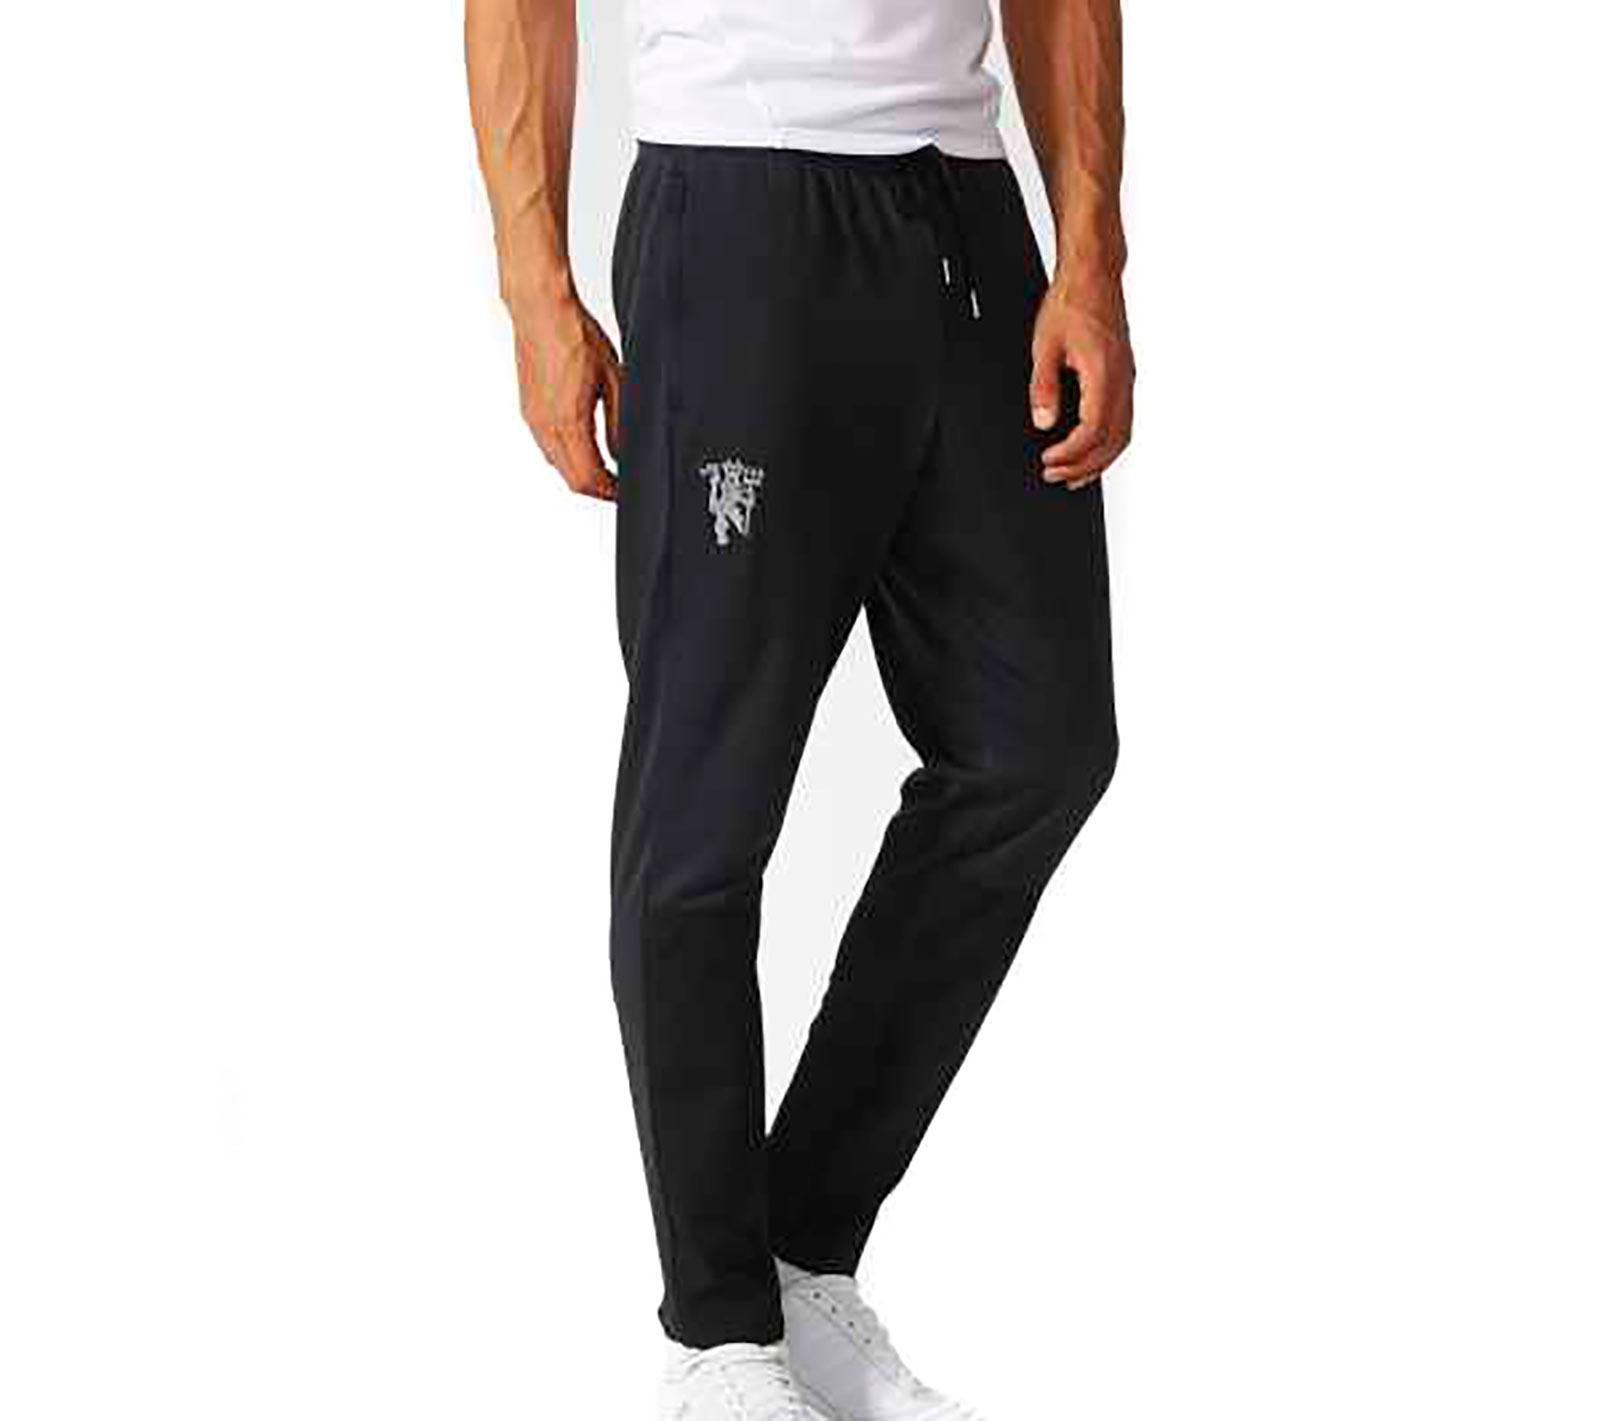 525f951421d84 Nuevo Adidas Mufc Manchester United Entallado Hombre Pantalones de ...